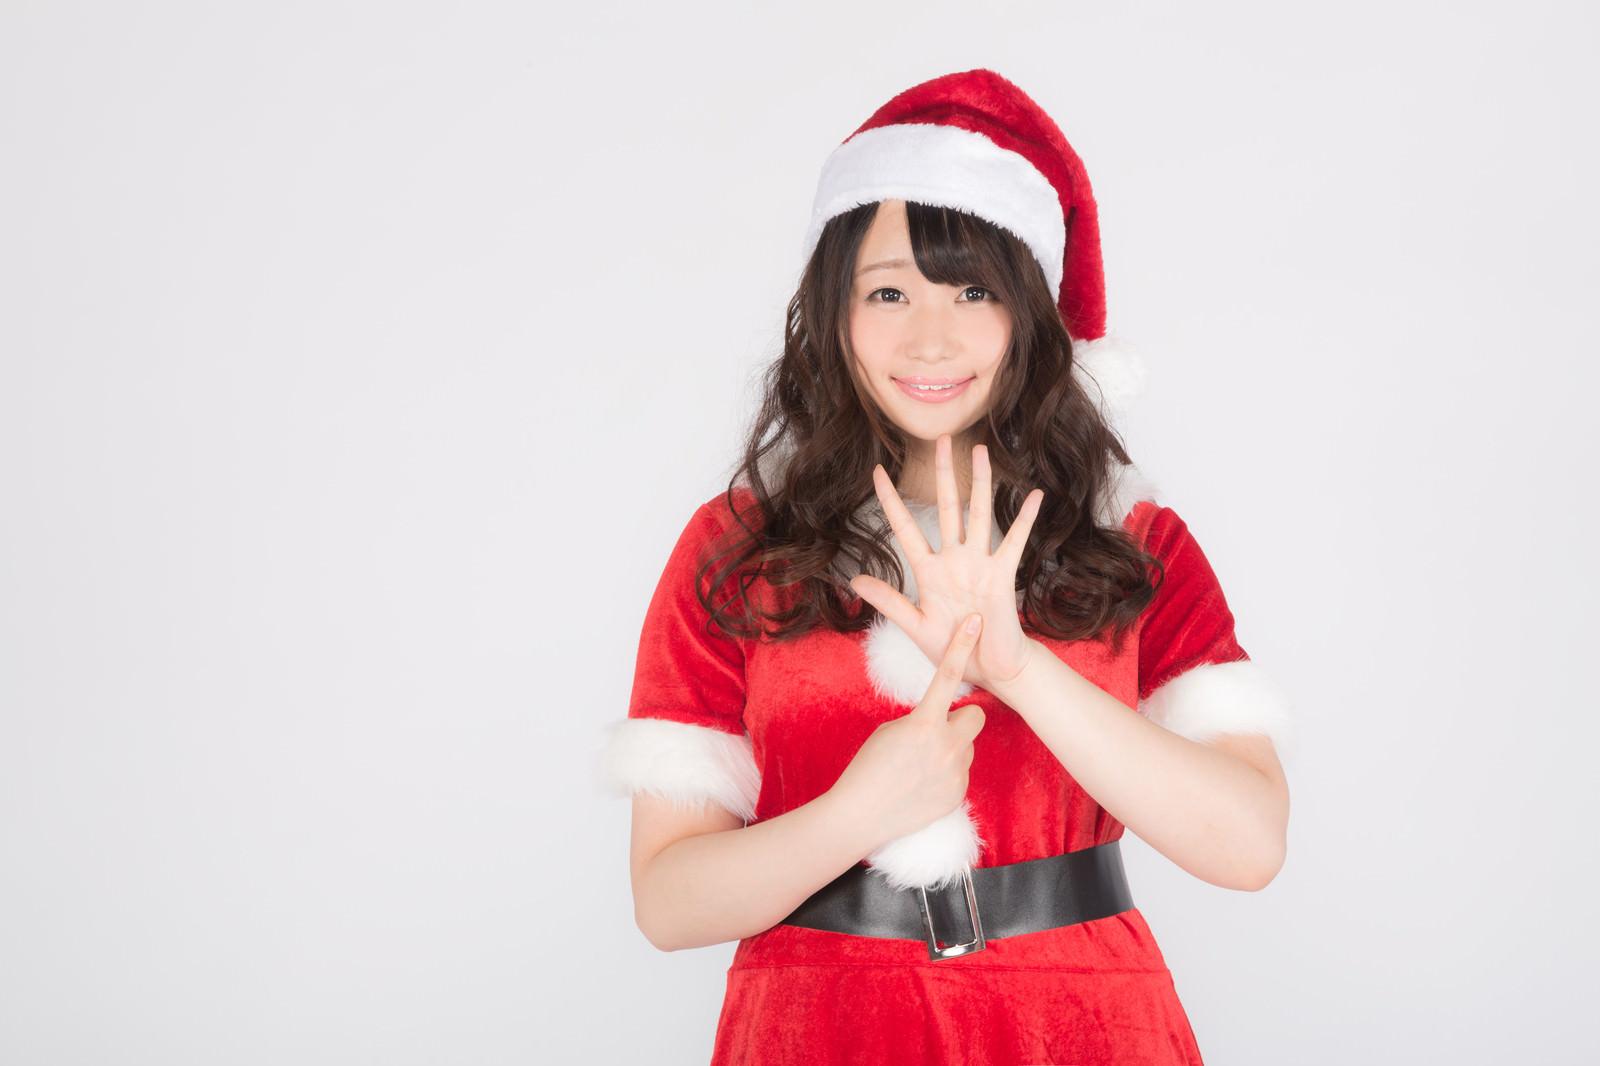 「女性サンタがクリスマスまであと6日をお知らせします!女性サンタがクリスマスまであと6日をお知らせします!」[モデル:茜さや]のフリー写真素材を拡大